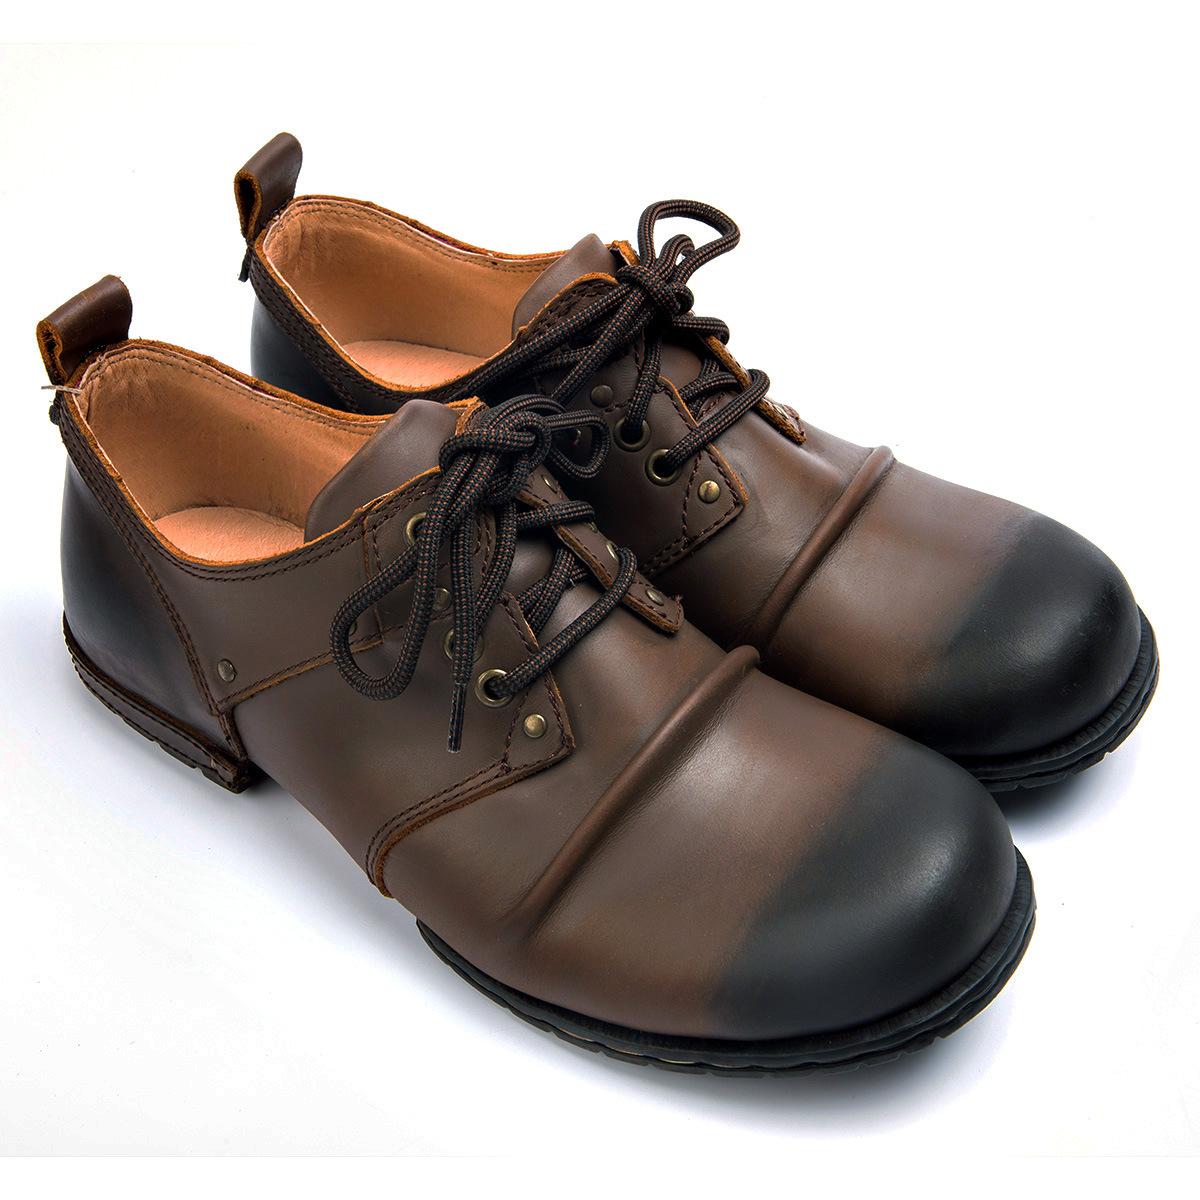 OTTO ZONE thị trường giày nam Mùa thu và mùa đông giày công cụ xuyên biên giới Giày nam Martin ủng n